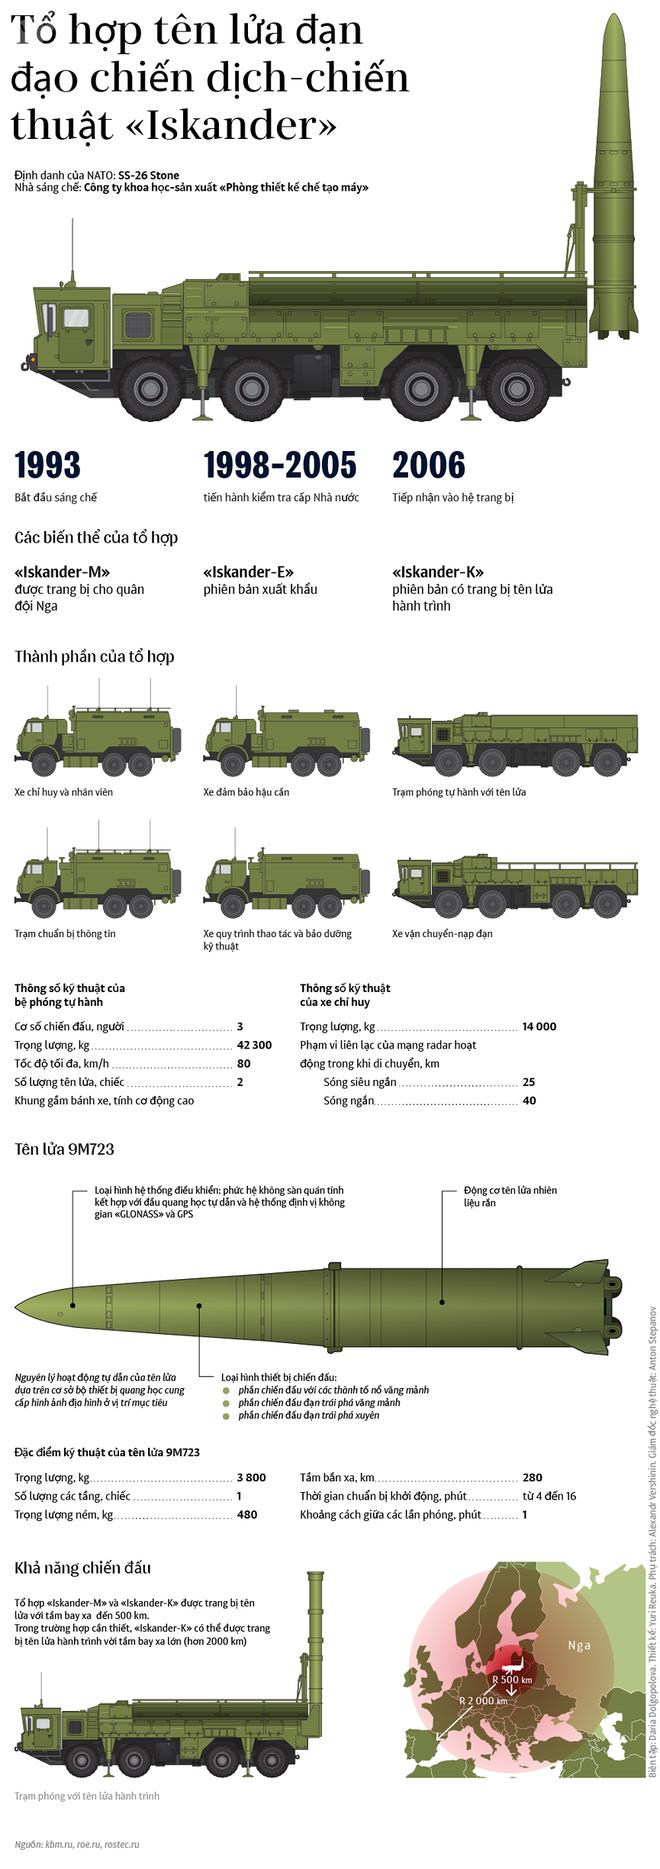 Lý do vì sao Iskander-M được gọi là bảo vật của quân đội Nga - Ảnh 1.